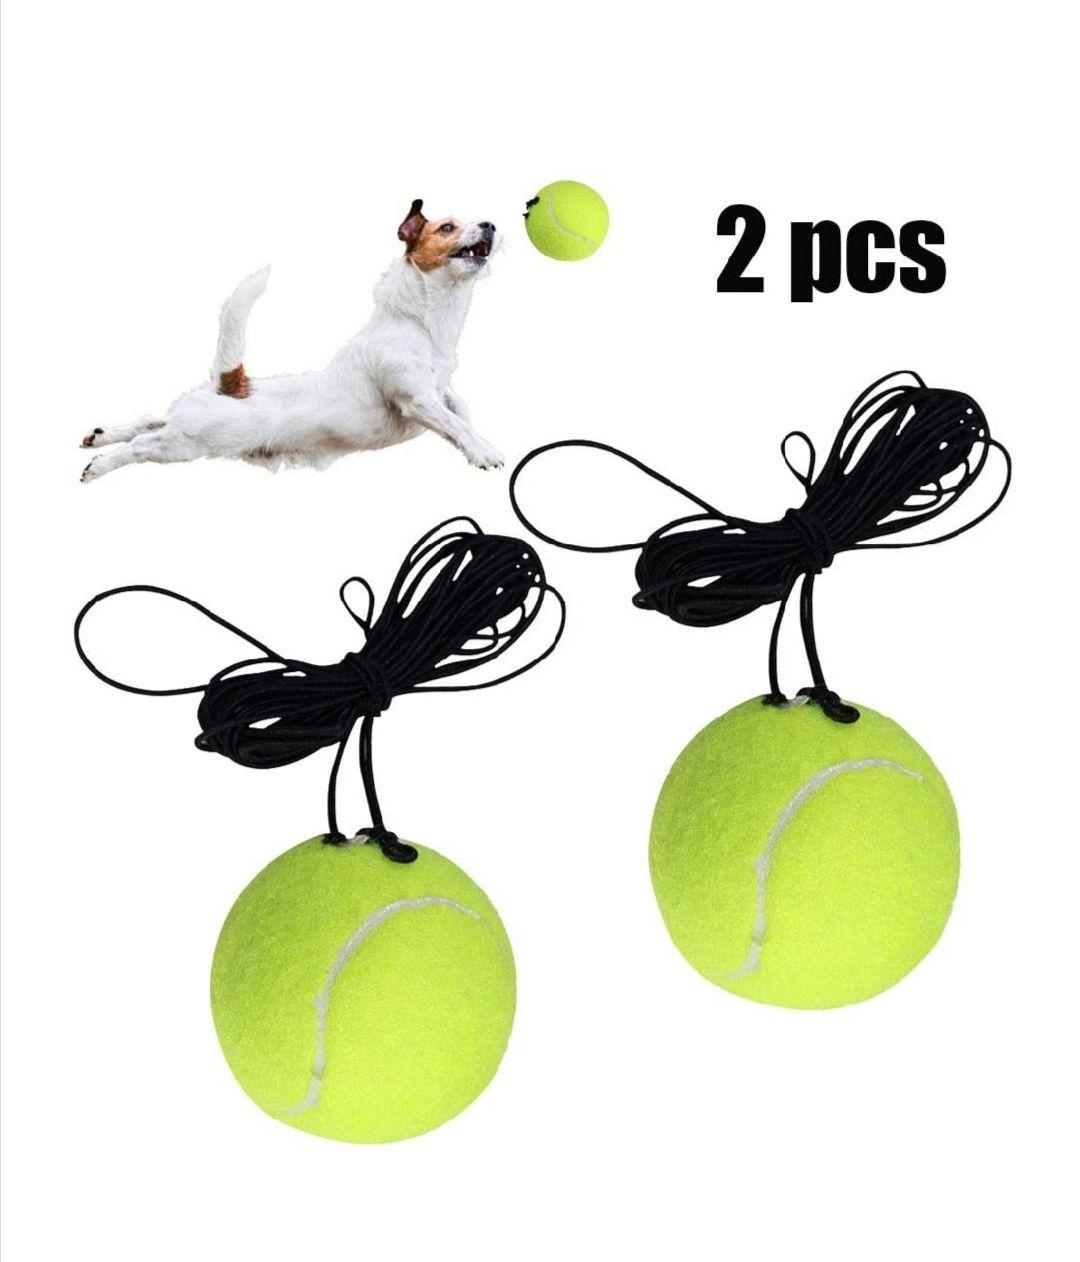 2 pelotas de tenis con cuerda